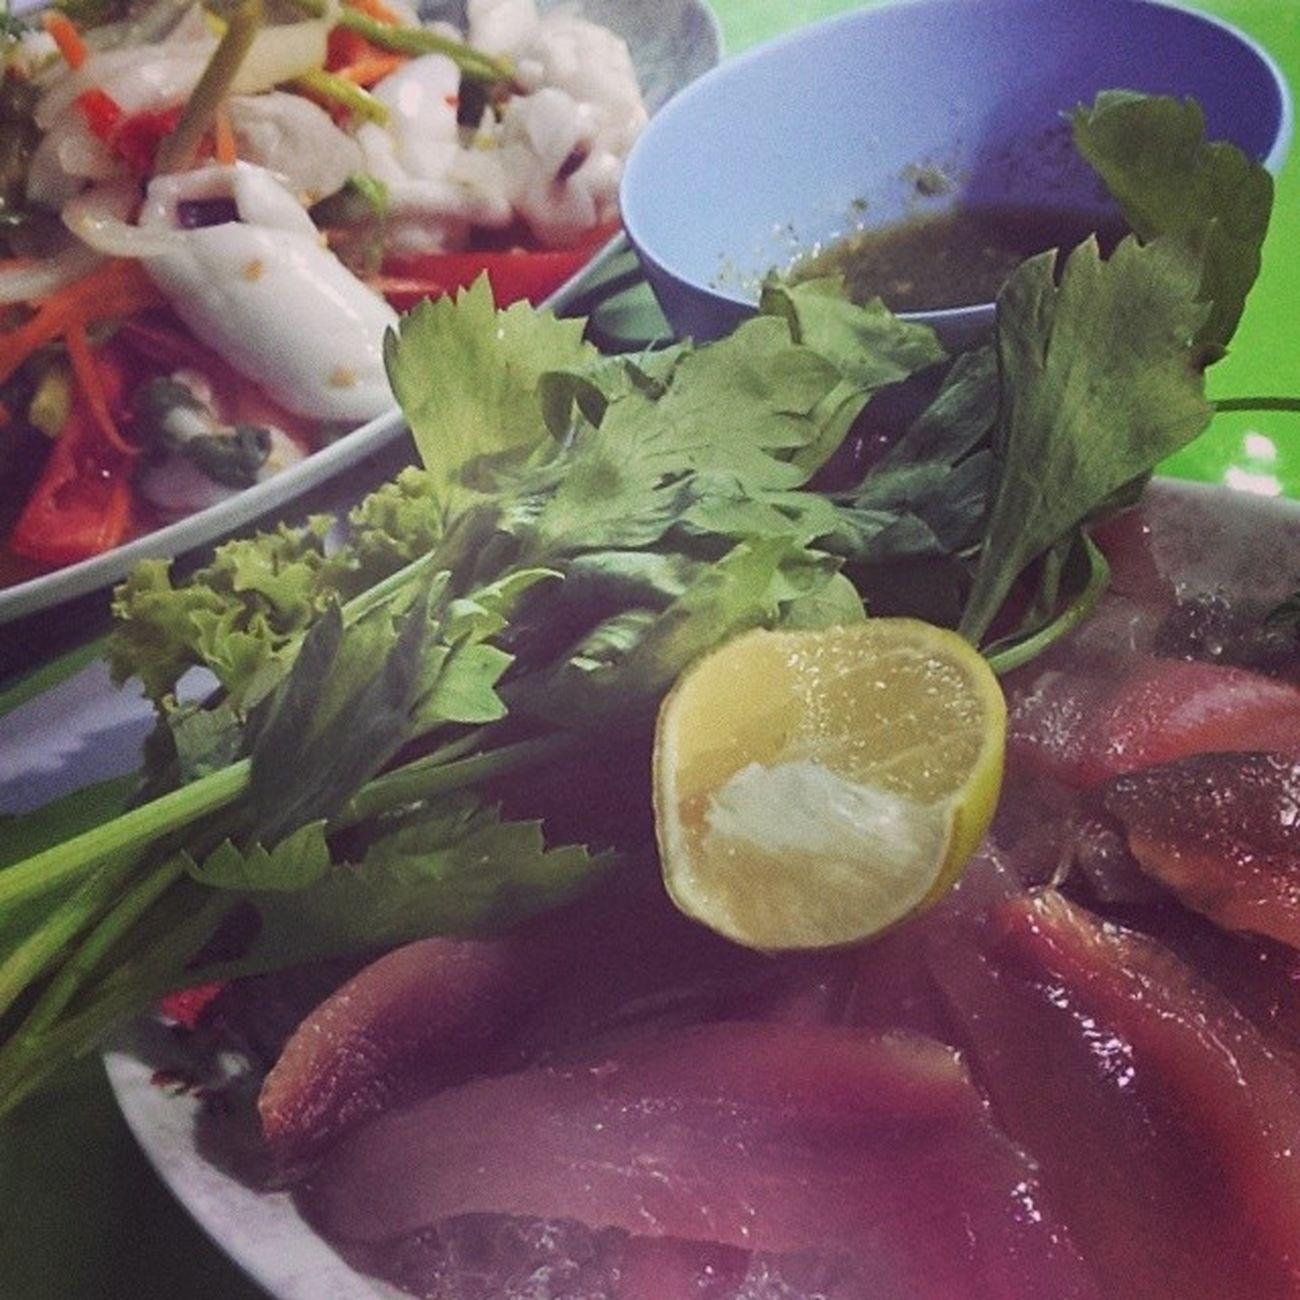 ซาซิมิปลากุแล สำหรับคนชอบสดๆ มิตรภาพ ศรัทธา การเดินทาง